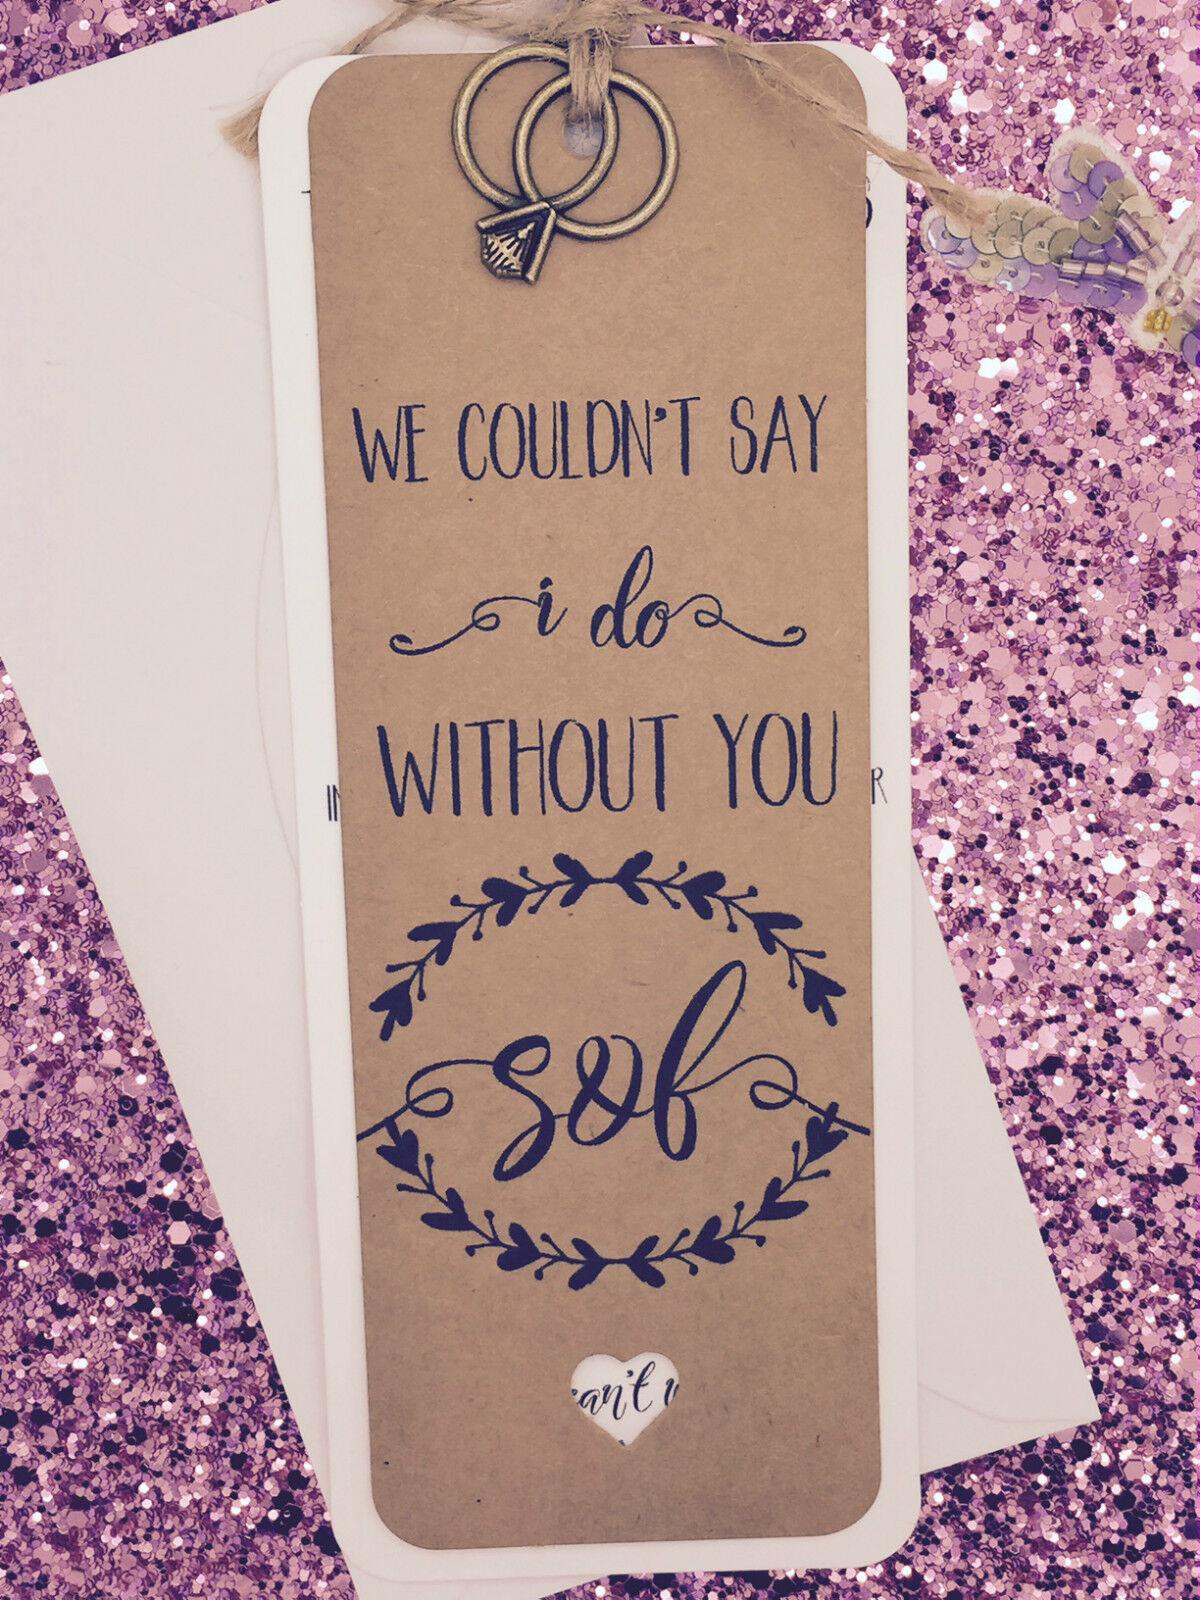 Rustique Wedding Mariage Invitation, Vintage Wedding Rustique Invitation, nous ne cf00d3